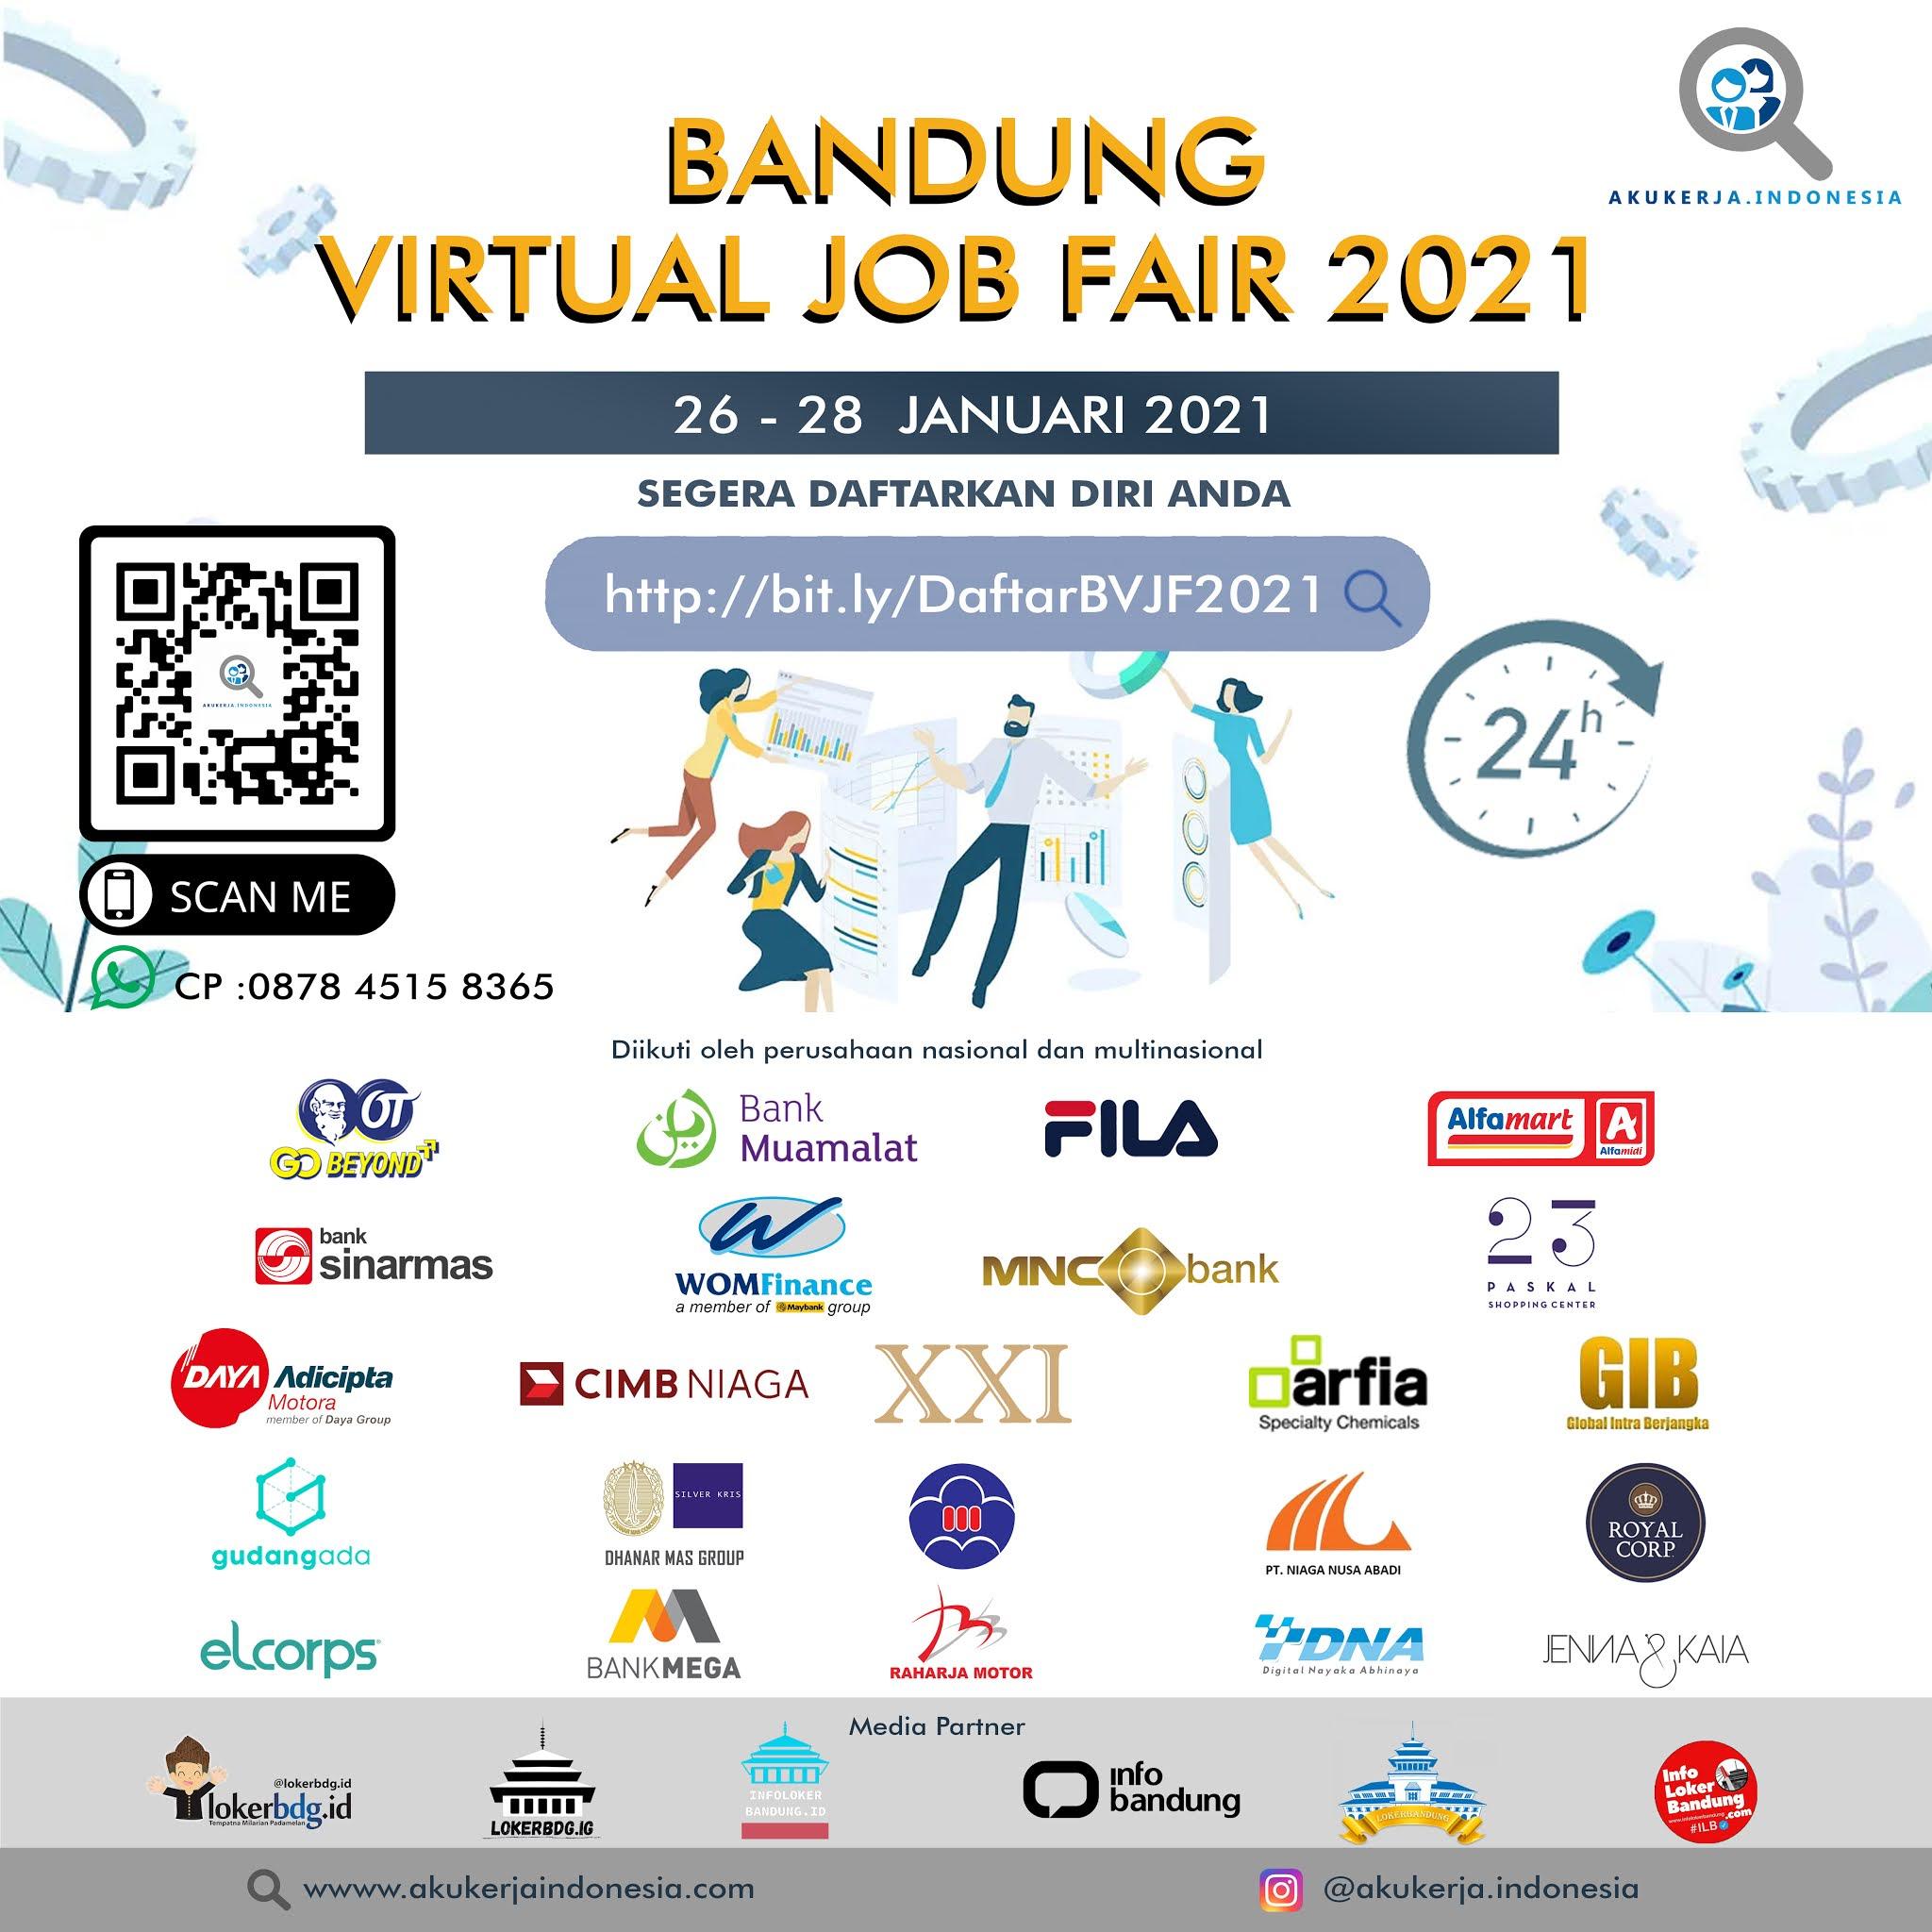 Bandung Virtual Job Fair  26 - 28 Januari 2021